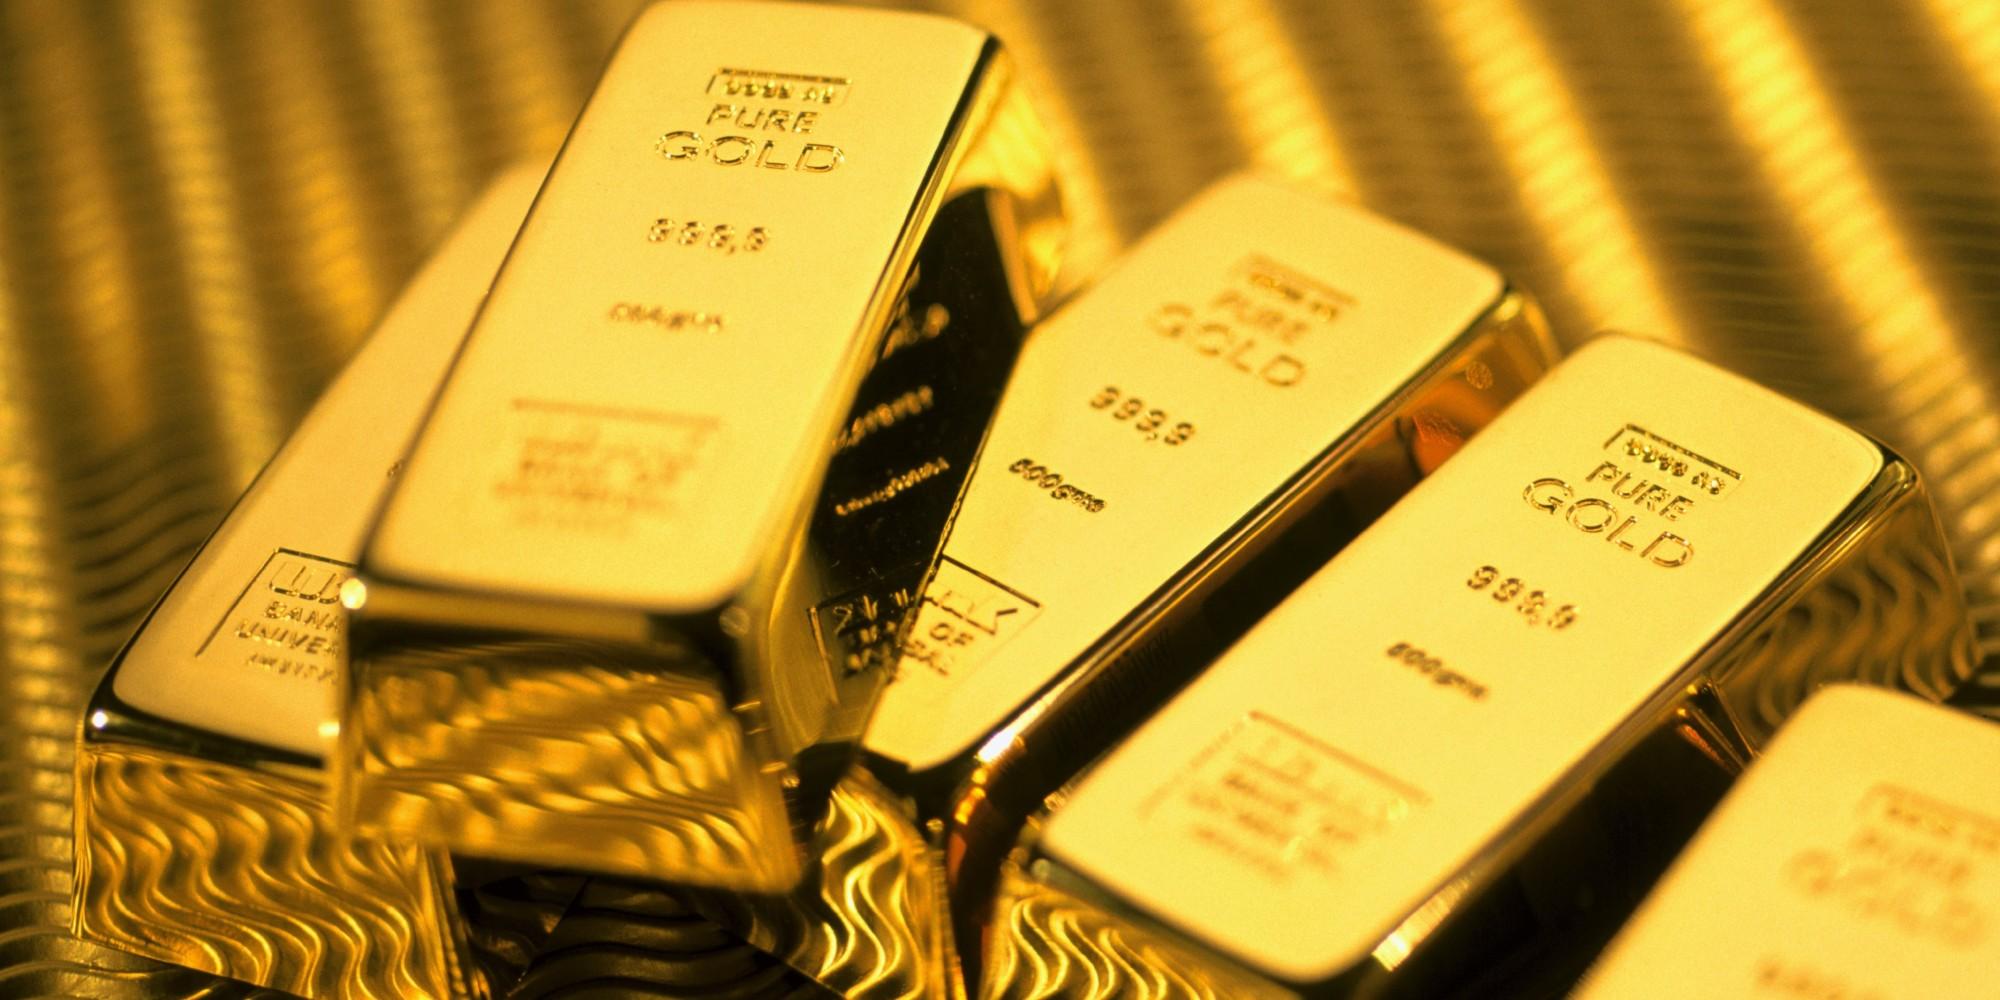 باعتباره بديلاً آمناً.. الذهب يرتفعبفعل التوترات الاقتصادية